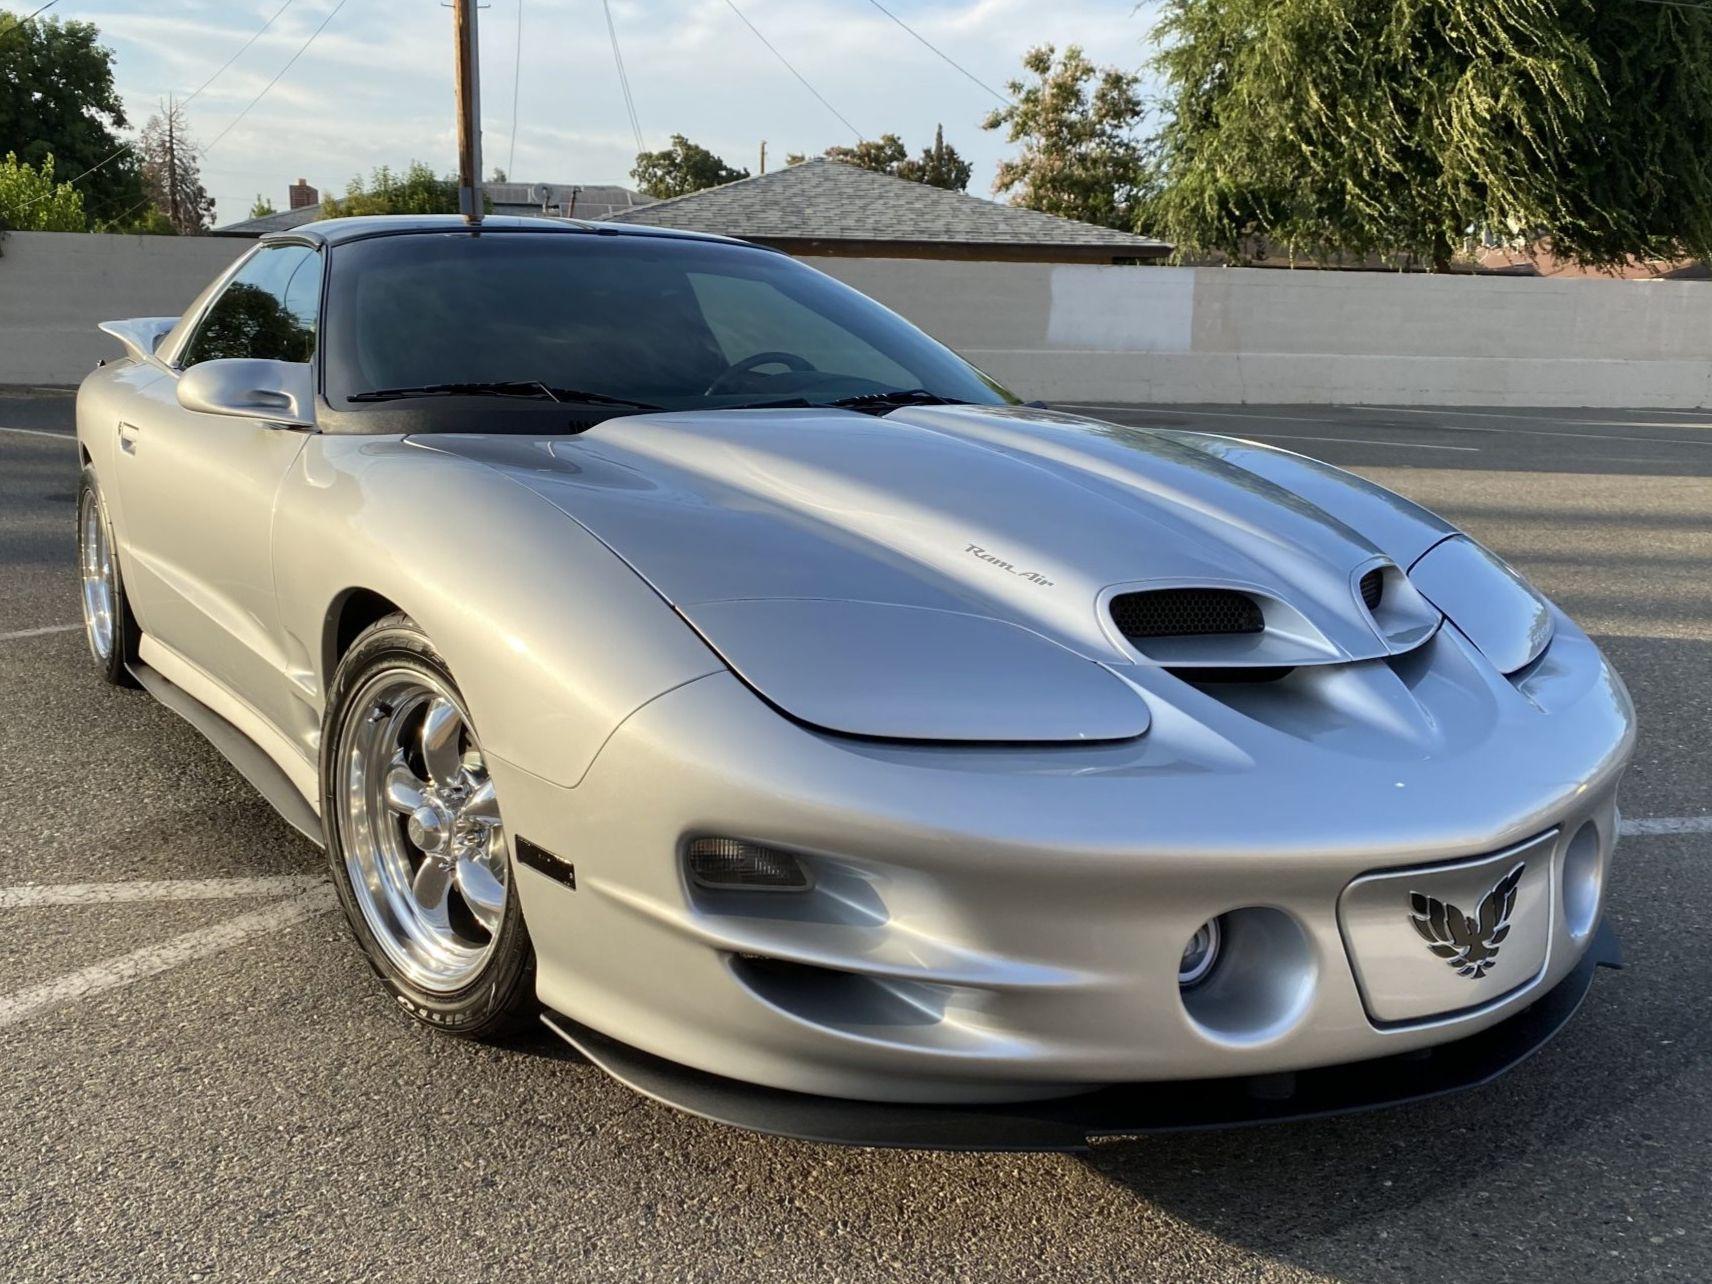 2002 Pontiac Firebird Trans Am 6-Speed